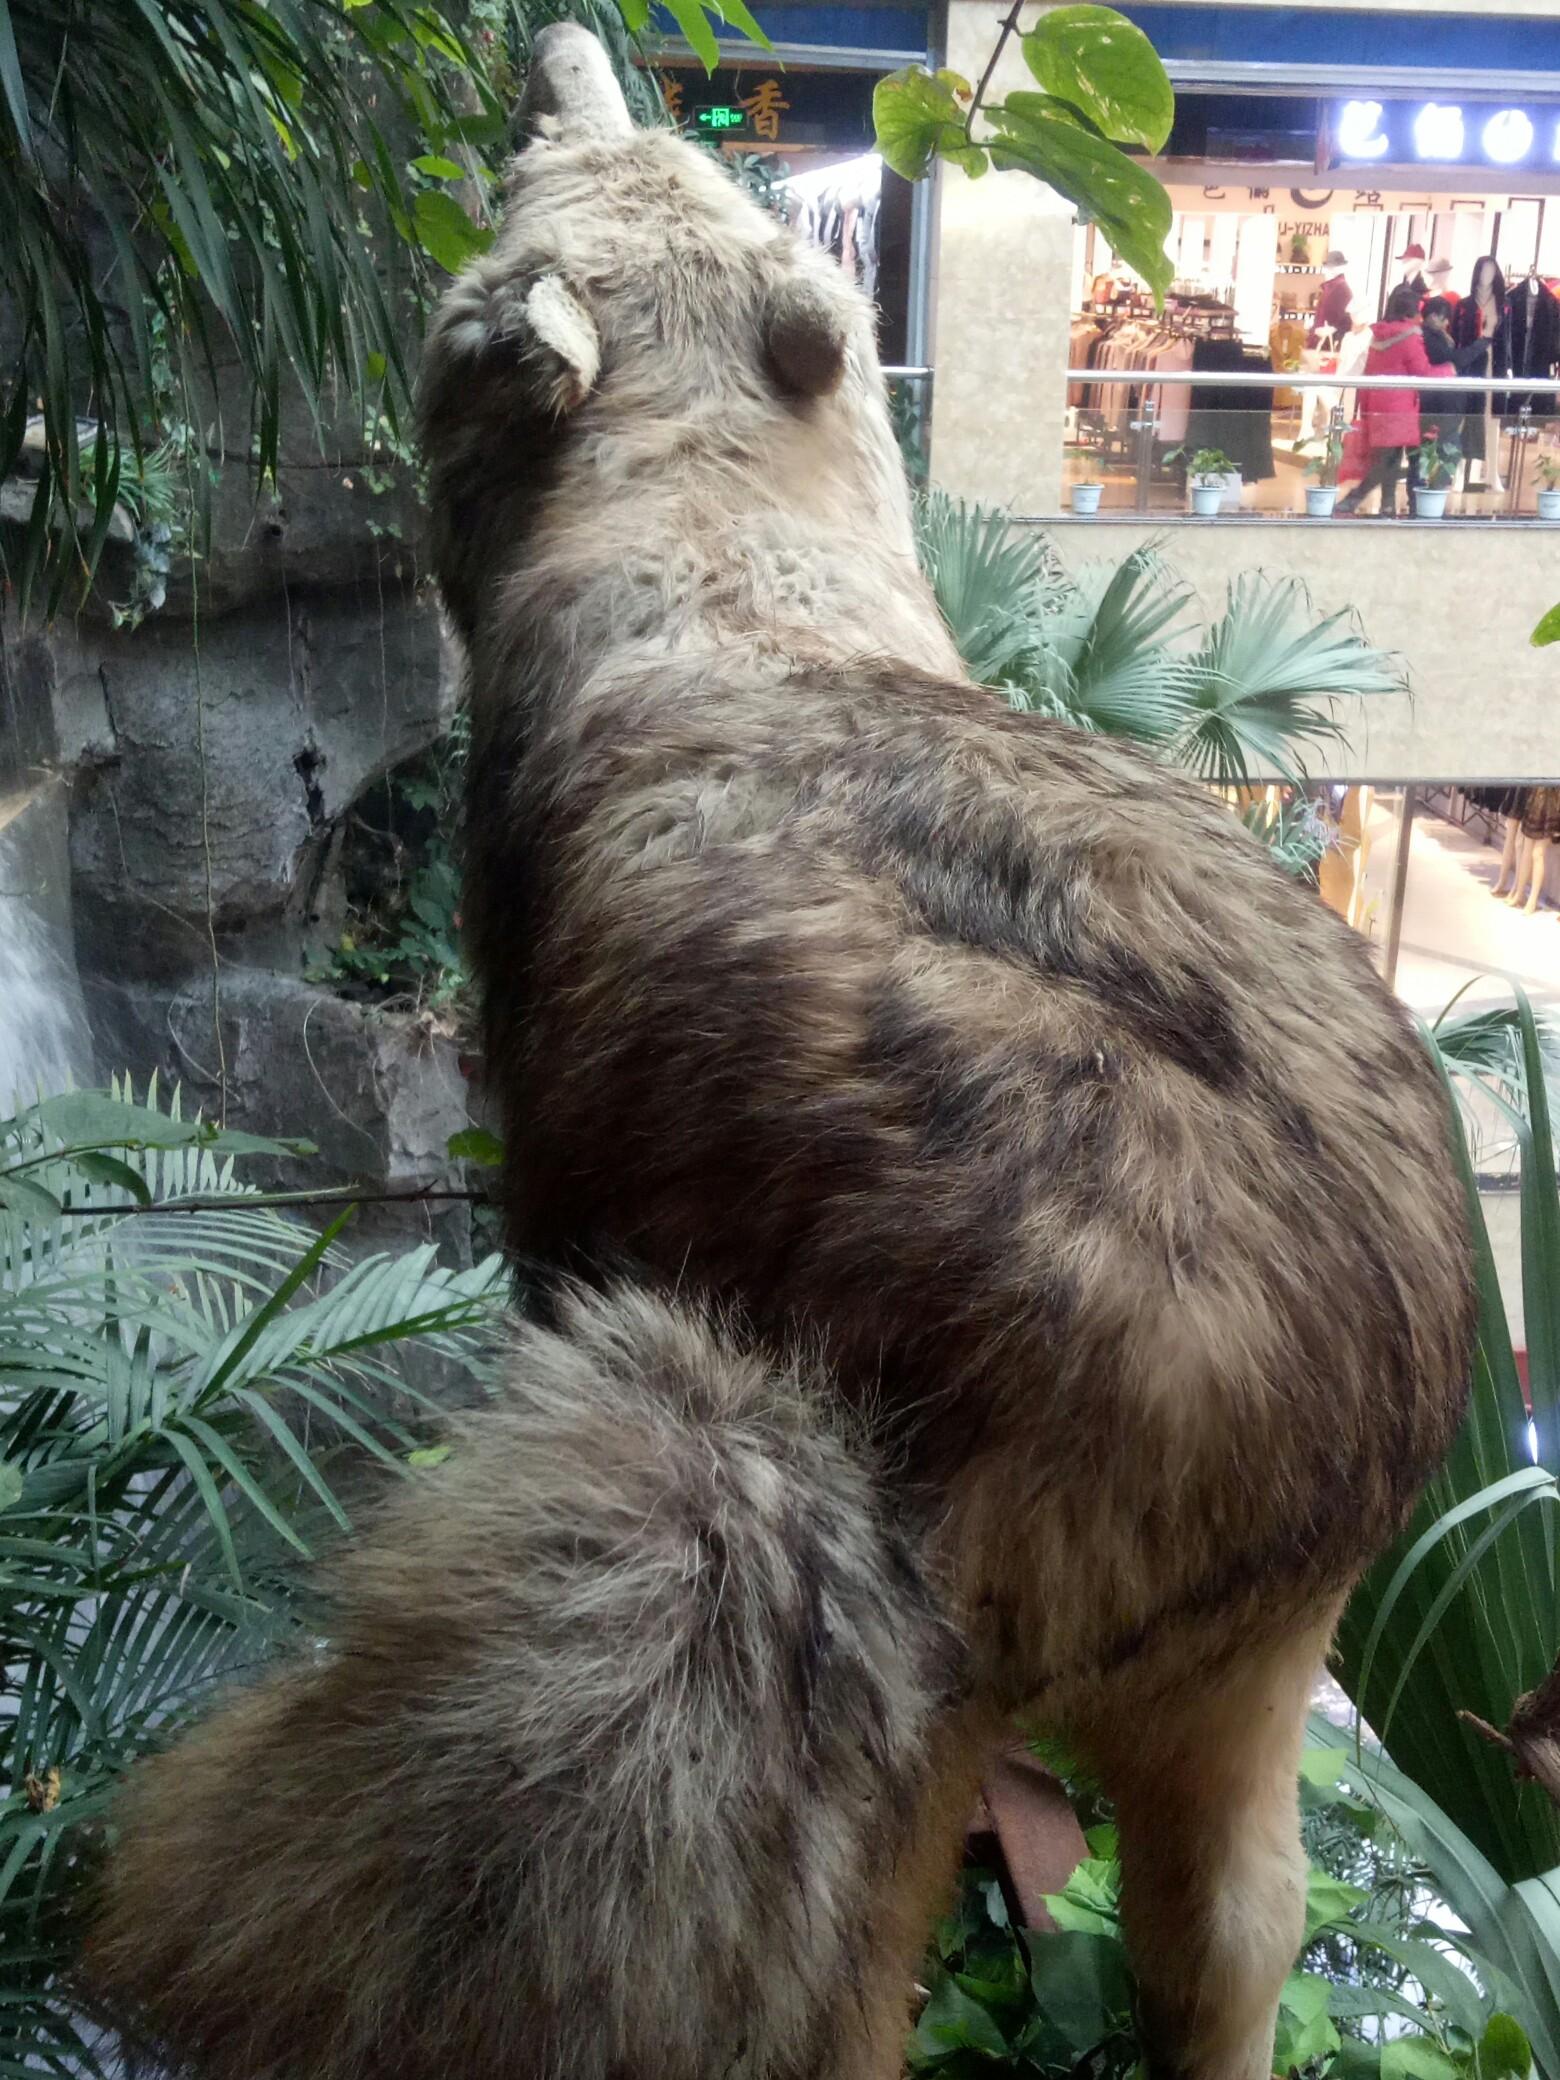 可怜的动物,在商场里面就这样,嗨